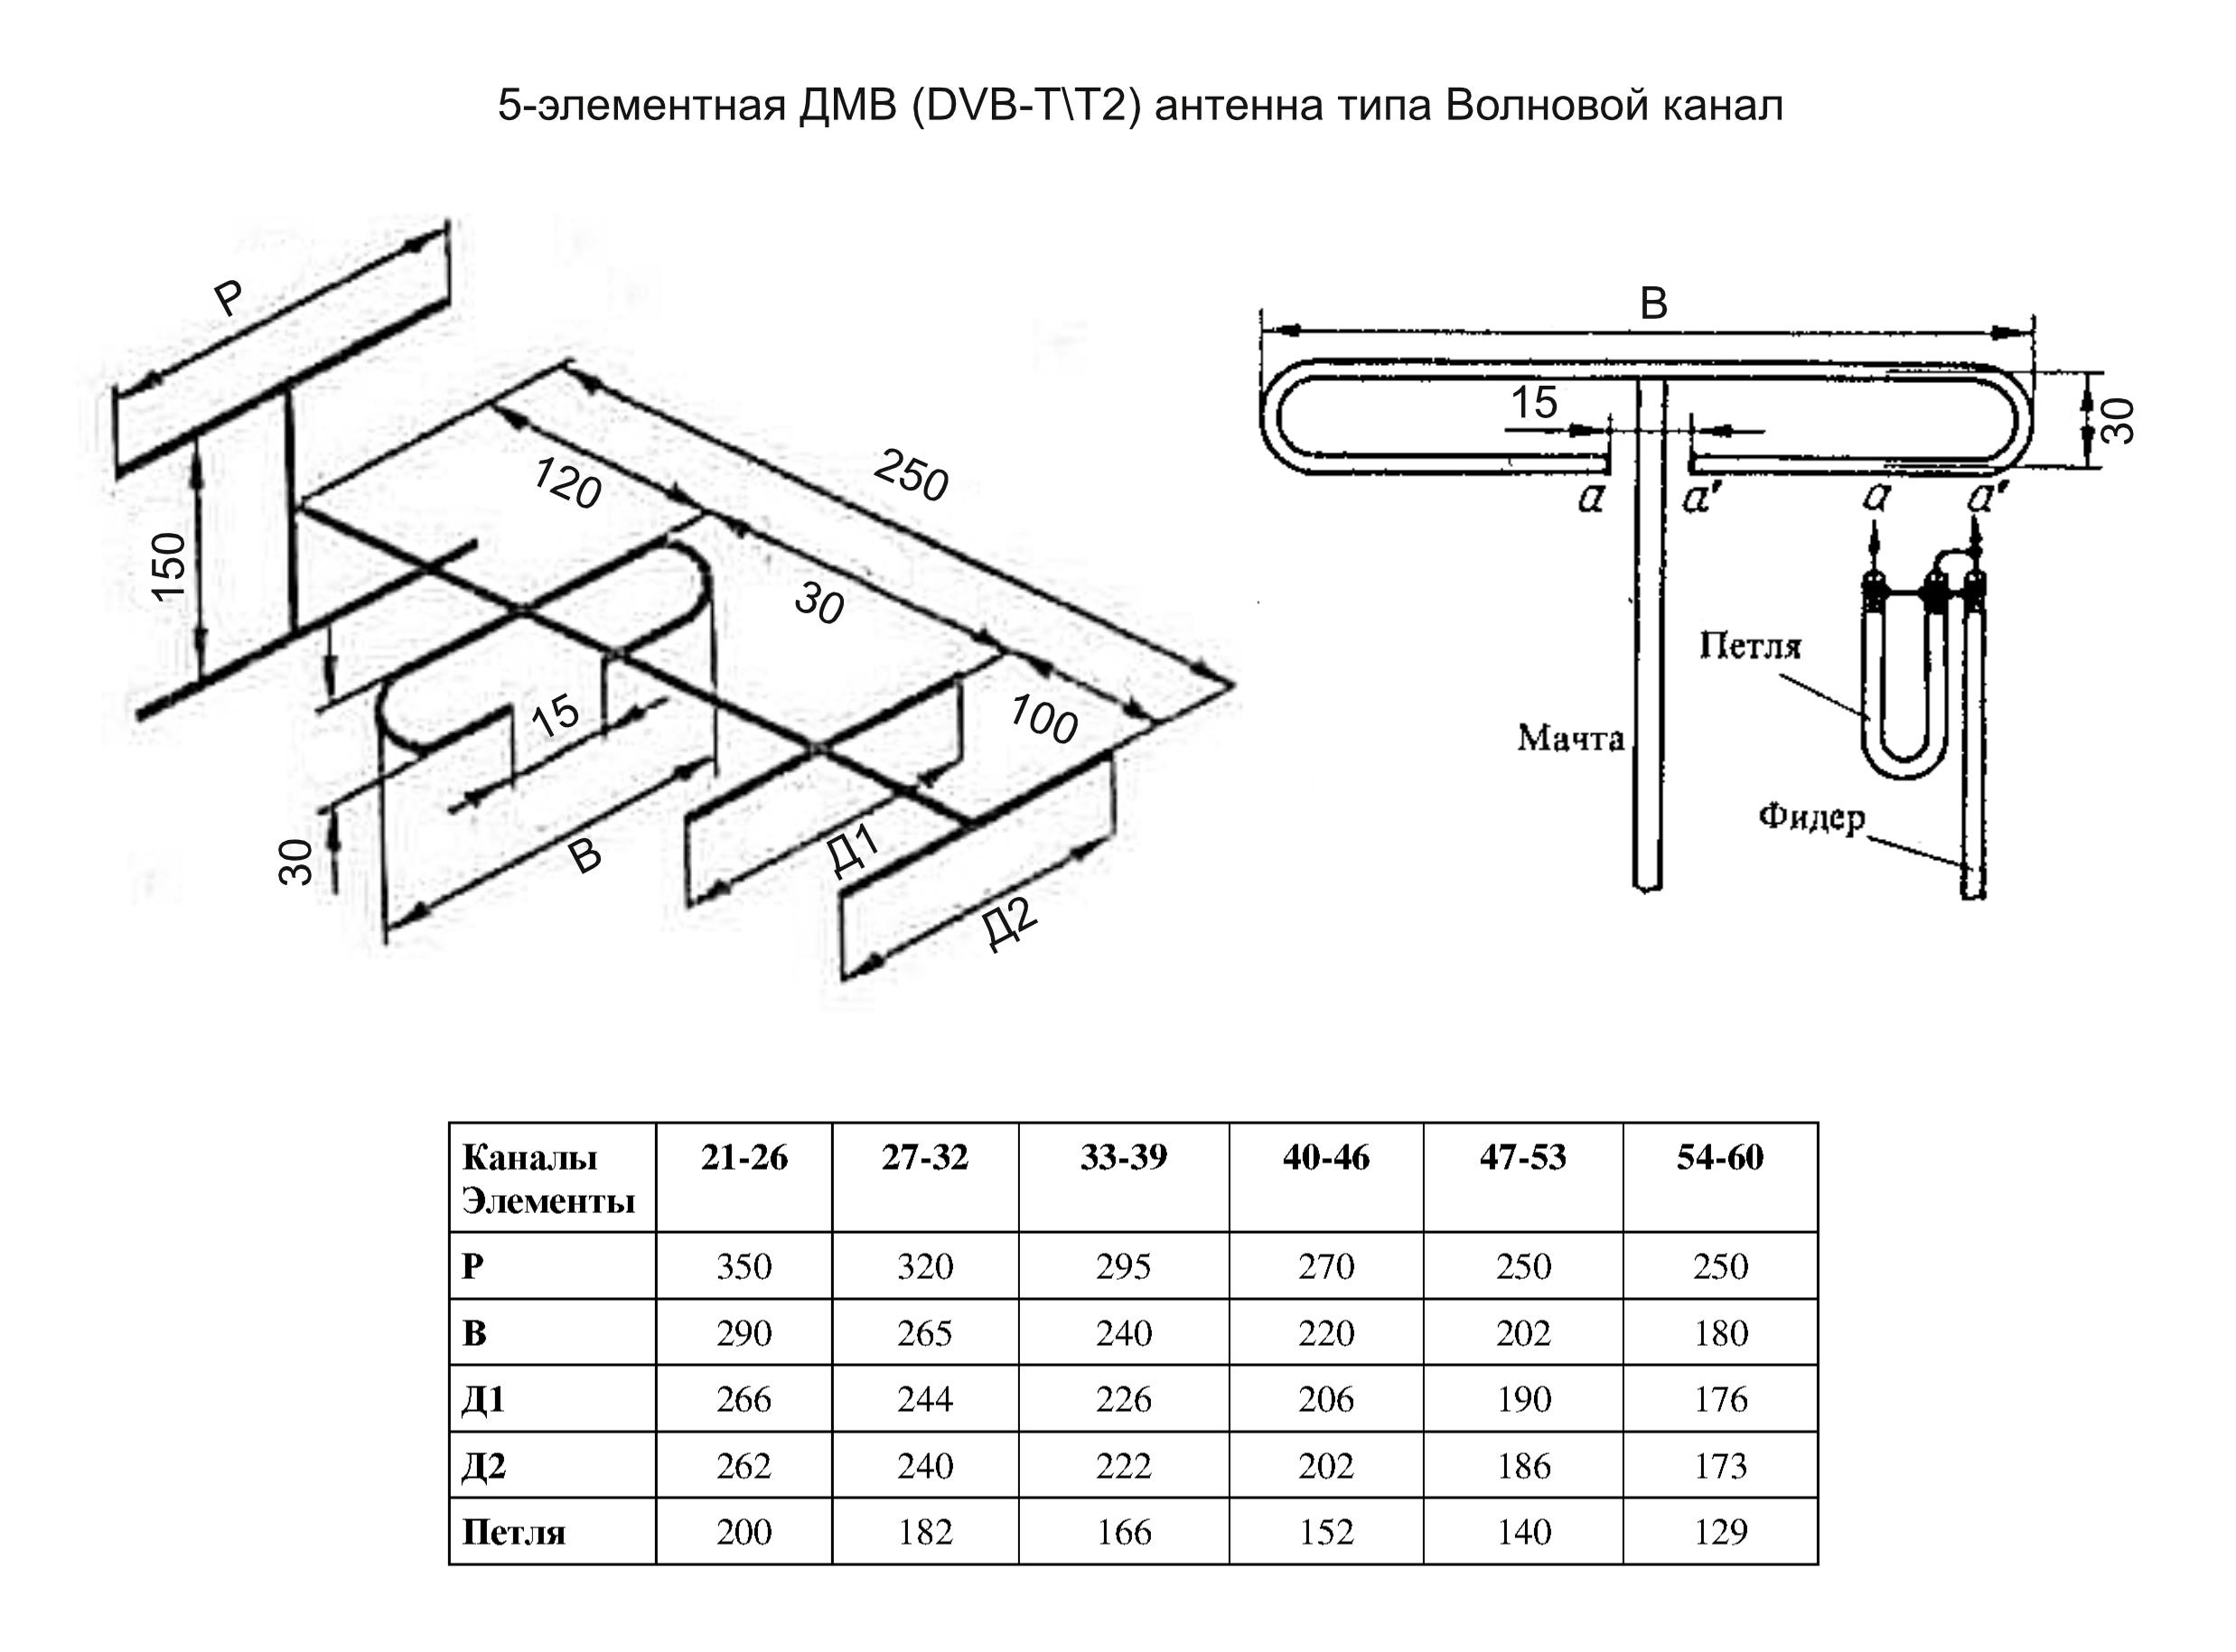 Телевизионные антенны для приема тв-сигналов в дециметровом диапазоне.